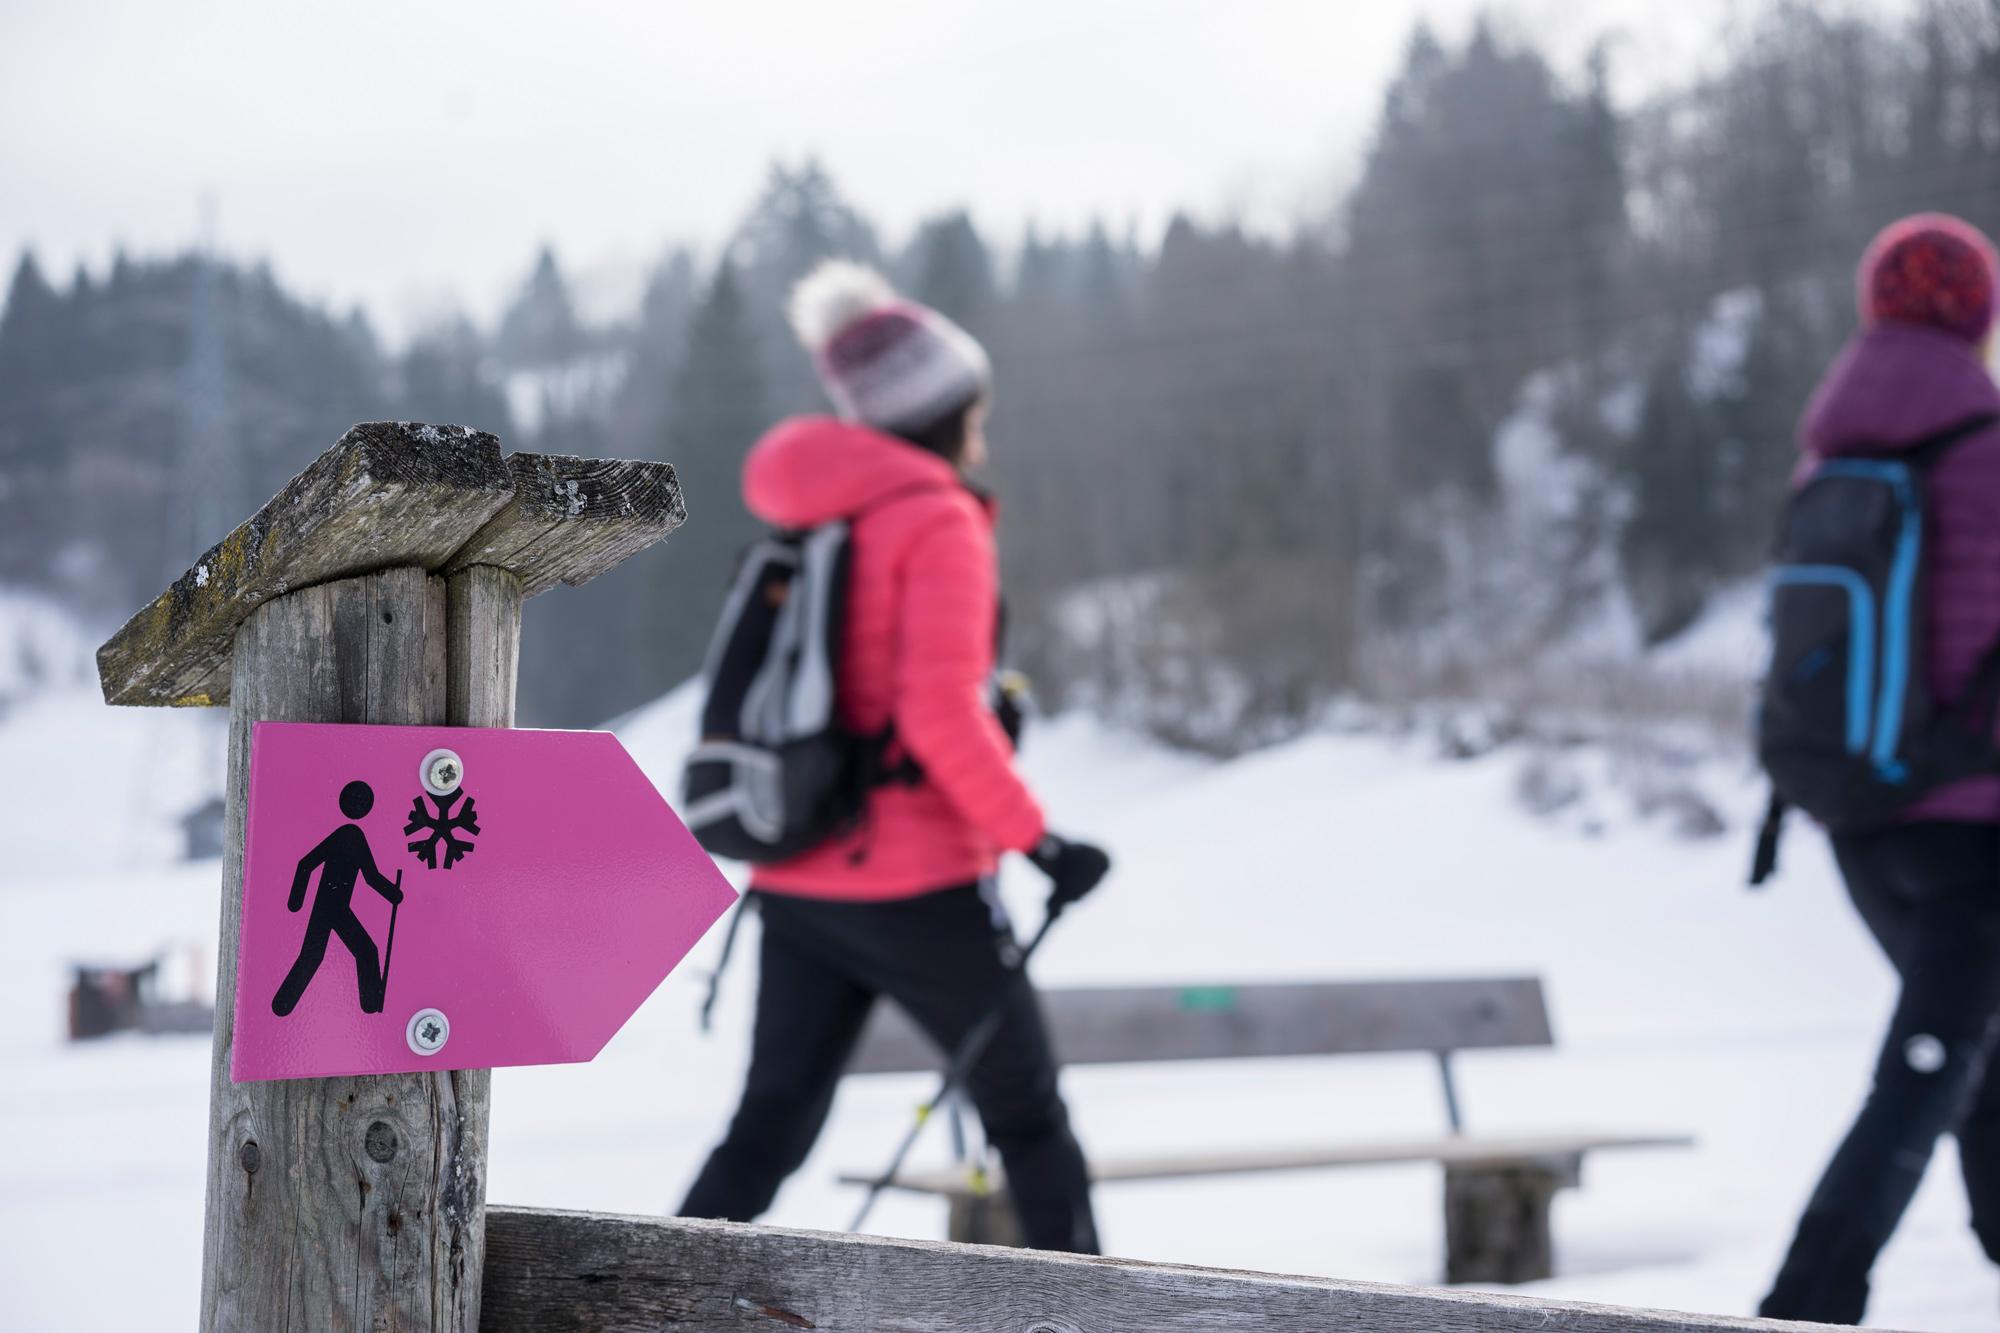 Magentafarbige Schilder weisen den Winterwanderweg © Tirol Werbung, Peter Neusser